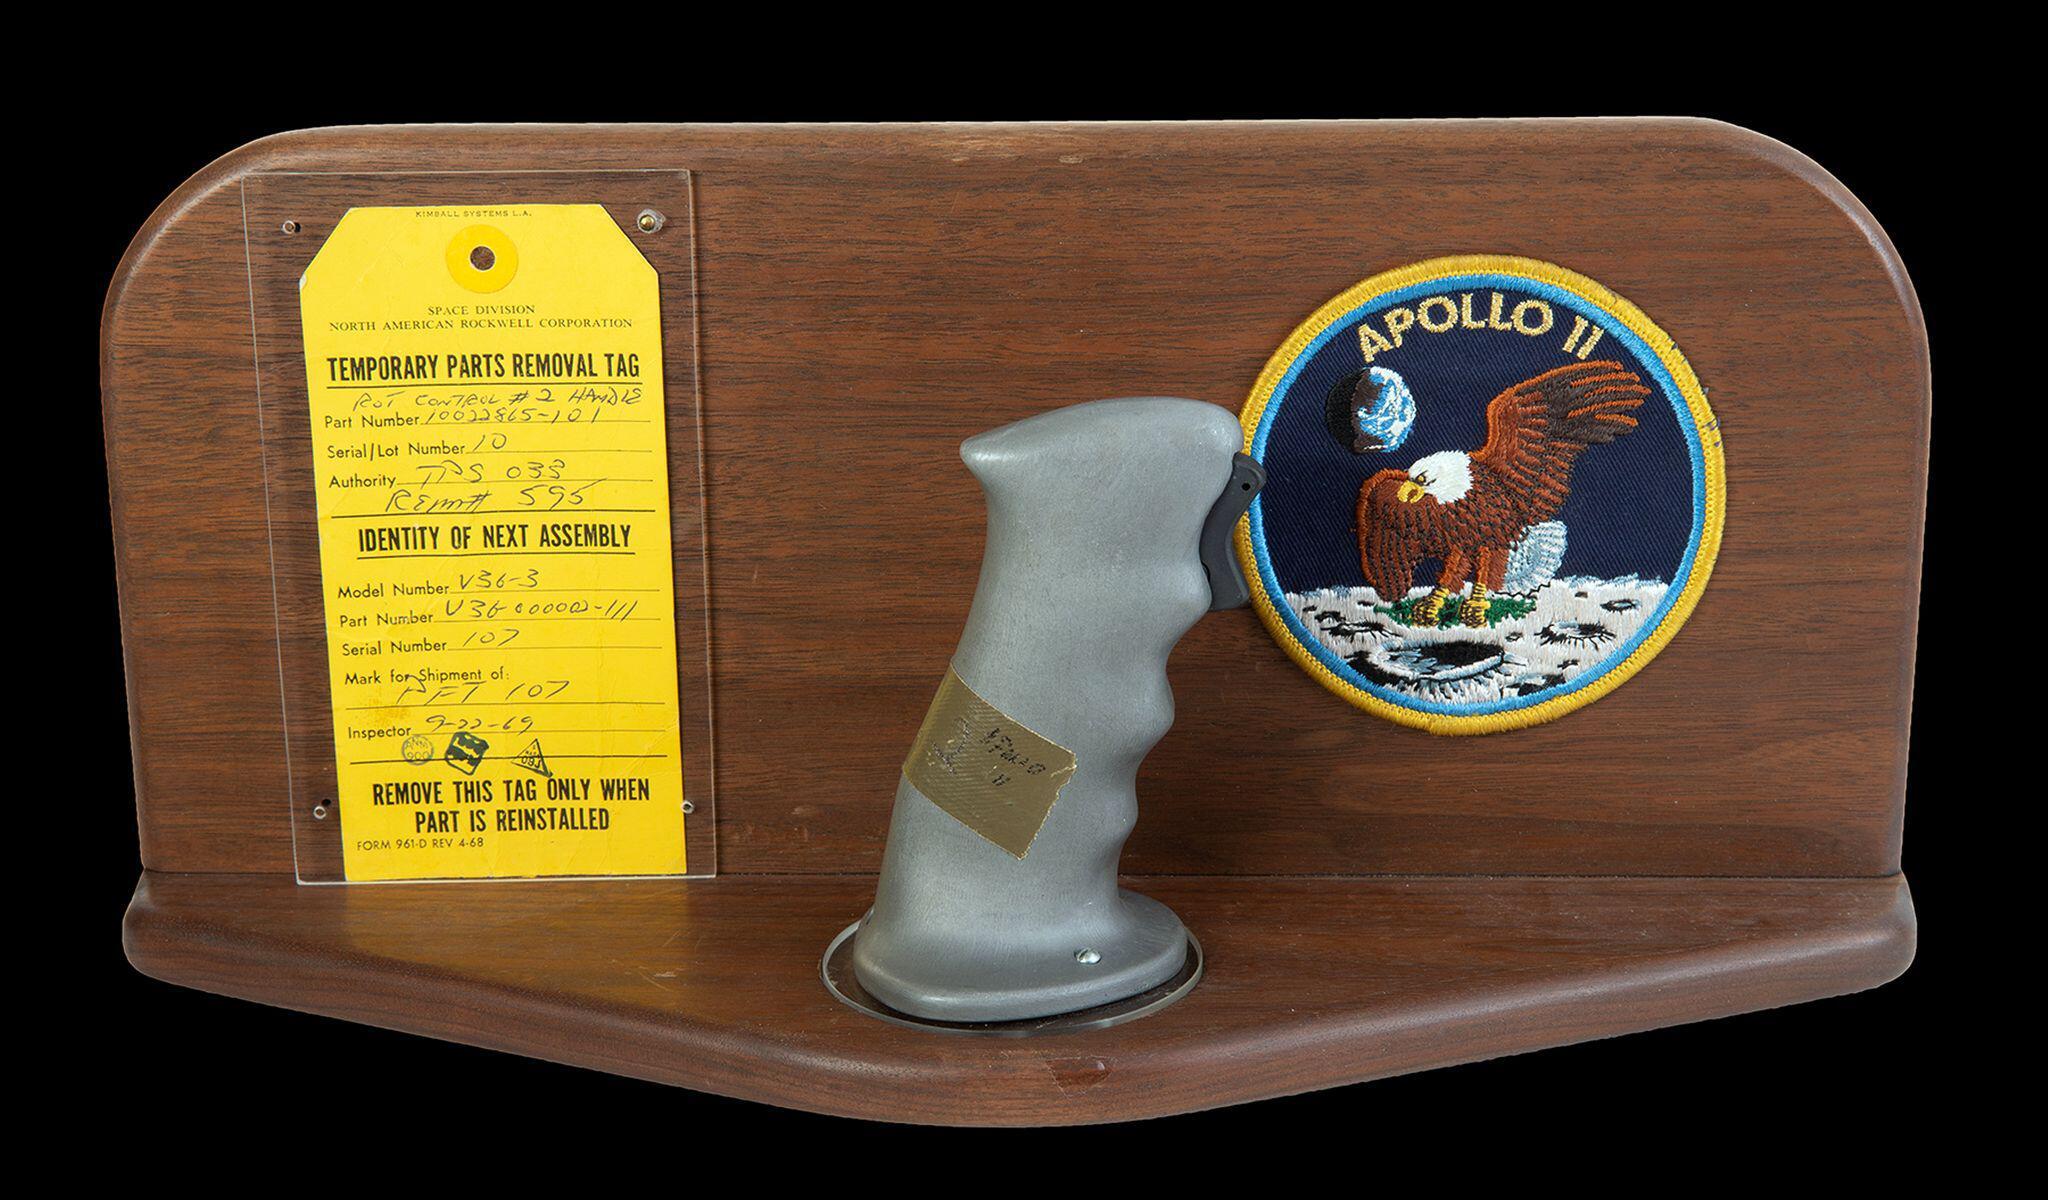 Bild zu Original-Steuerknüppel von Neil Armstrong